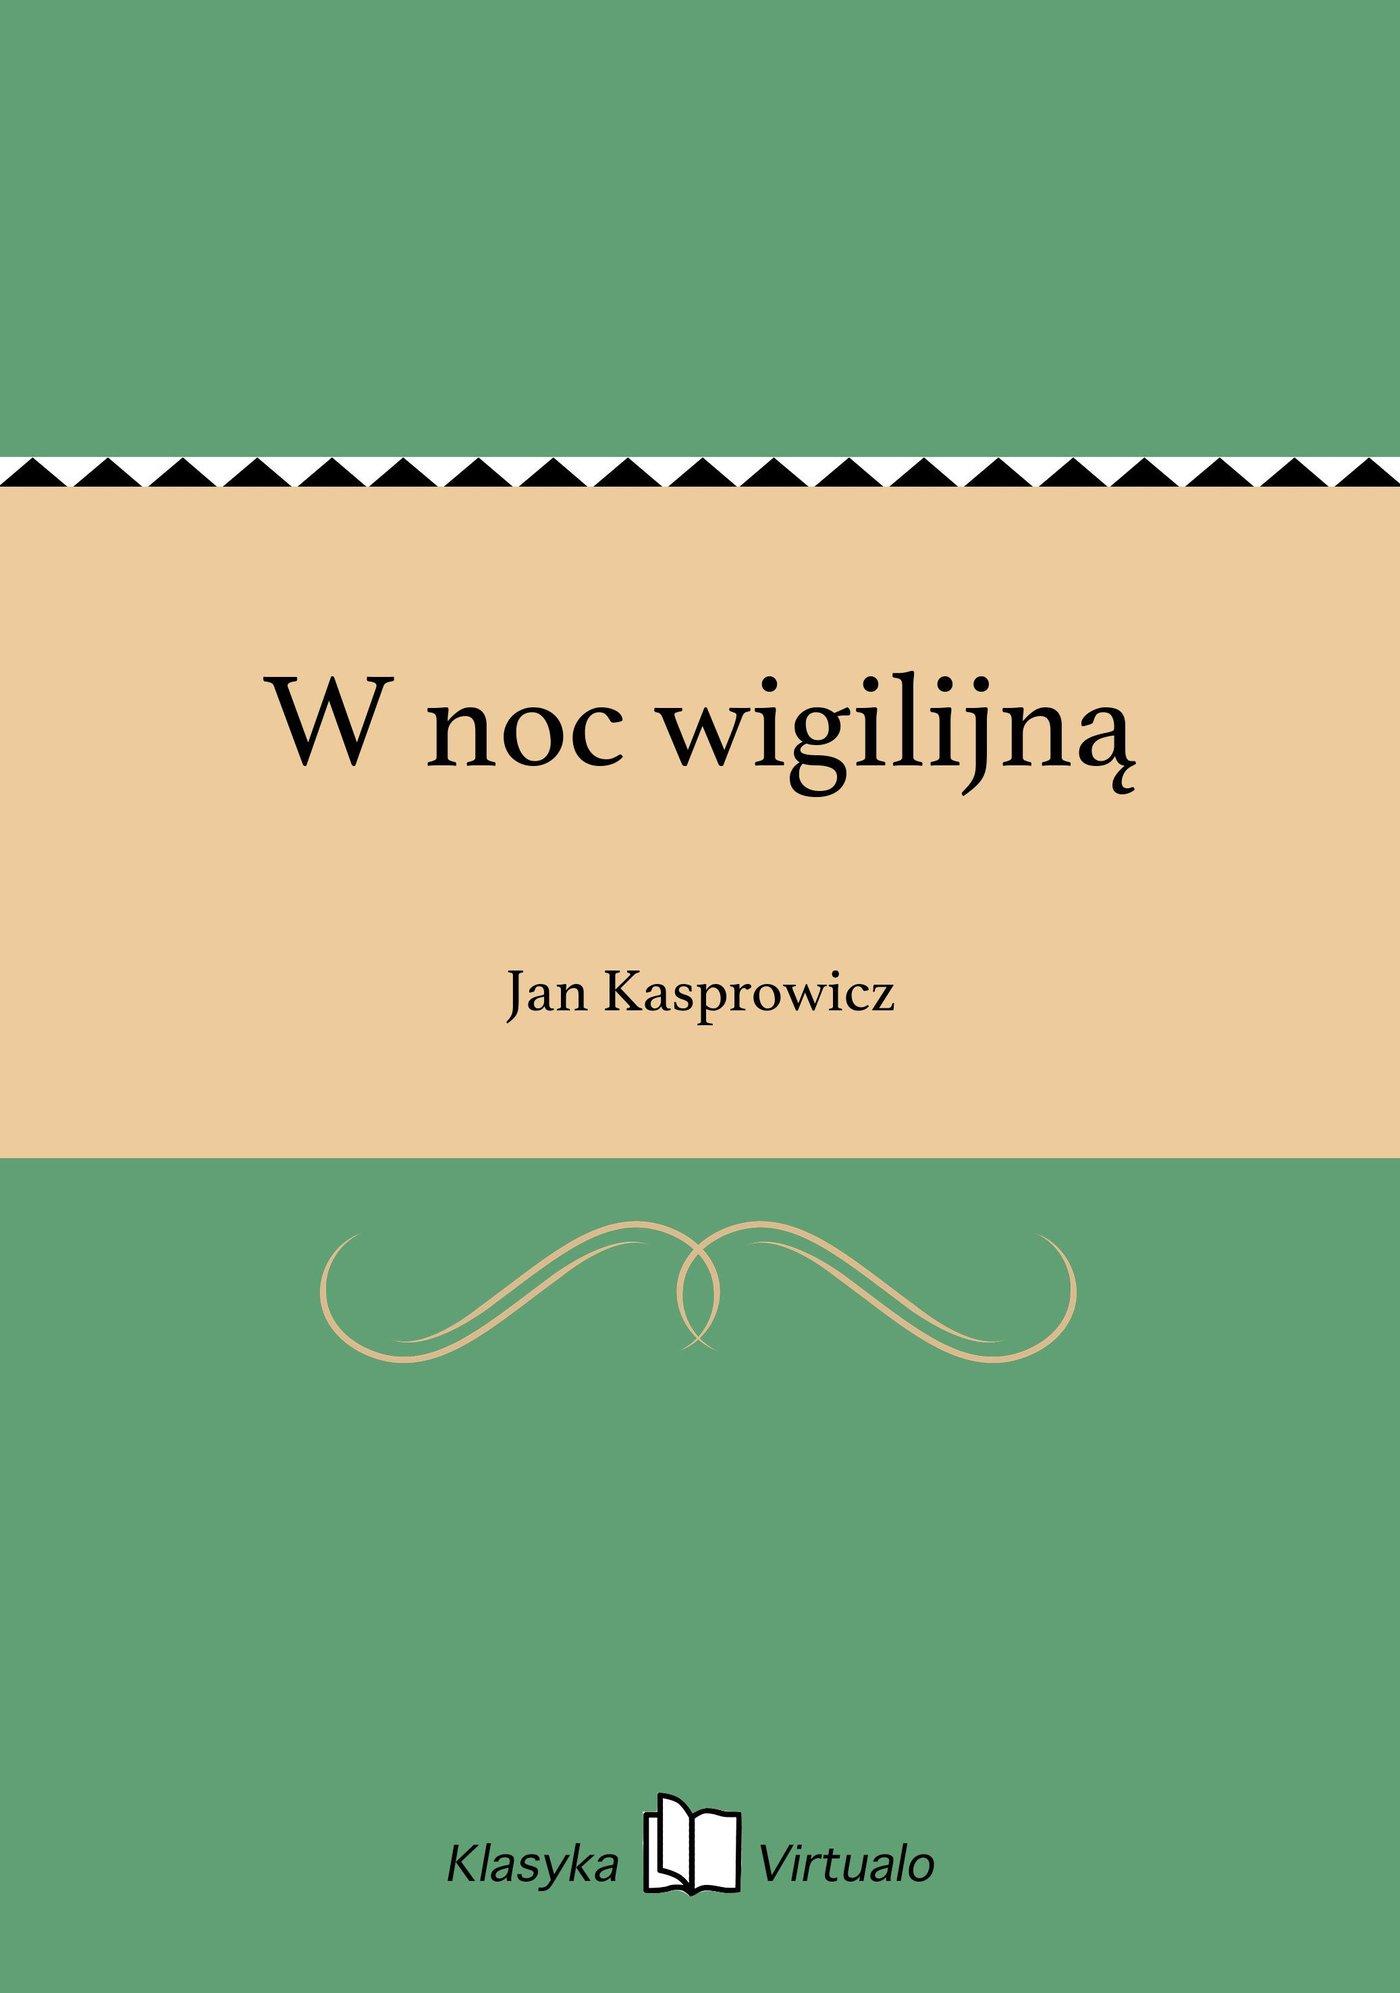 W noc wigilijną - Ebook (Książka EPUB) do pobrania w formacie EPUB